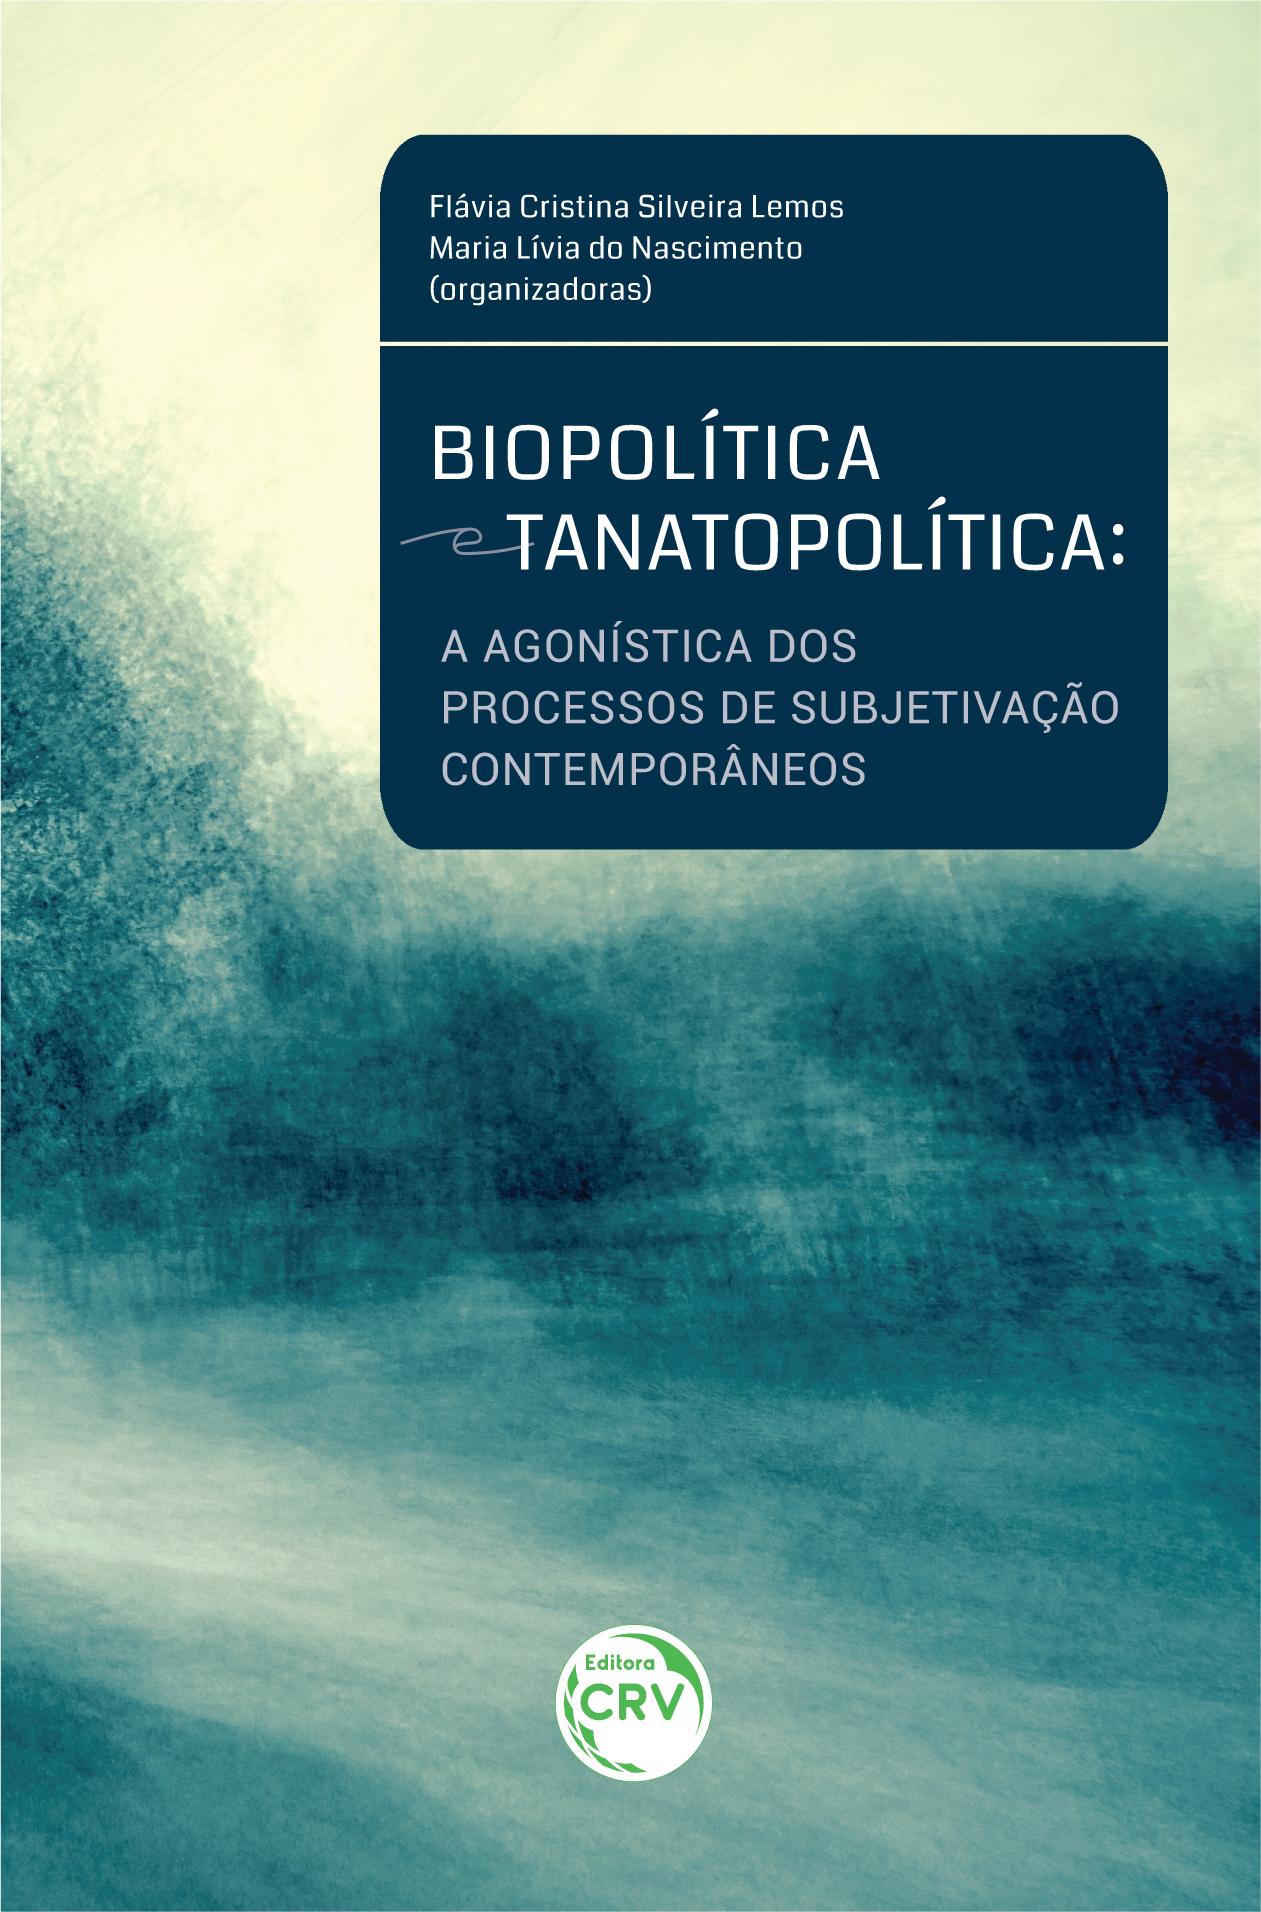 Capa do livro: BIOPOLÍTICA E TANATOPOLÍTICA: <br> a agonística dos processos de subjetivação contemporâneos